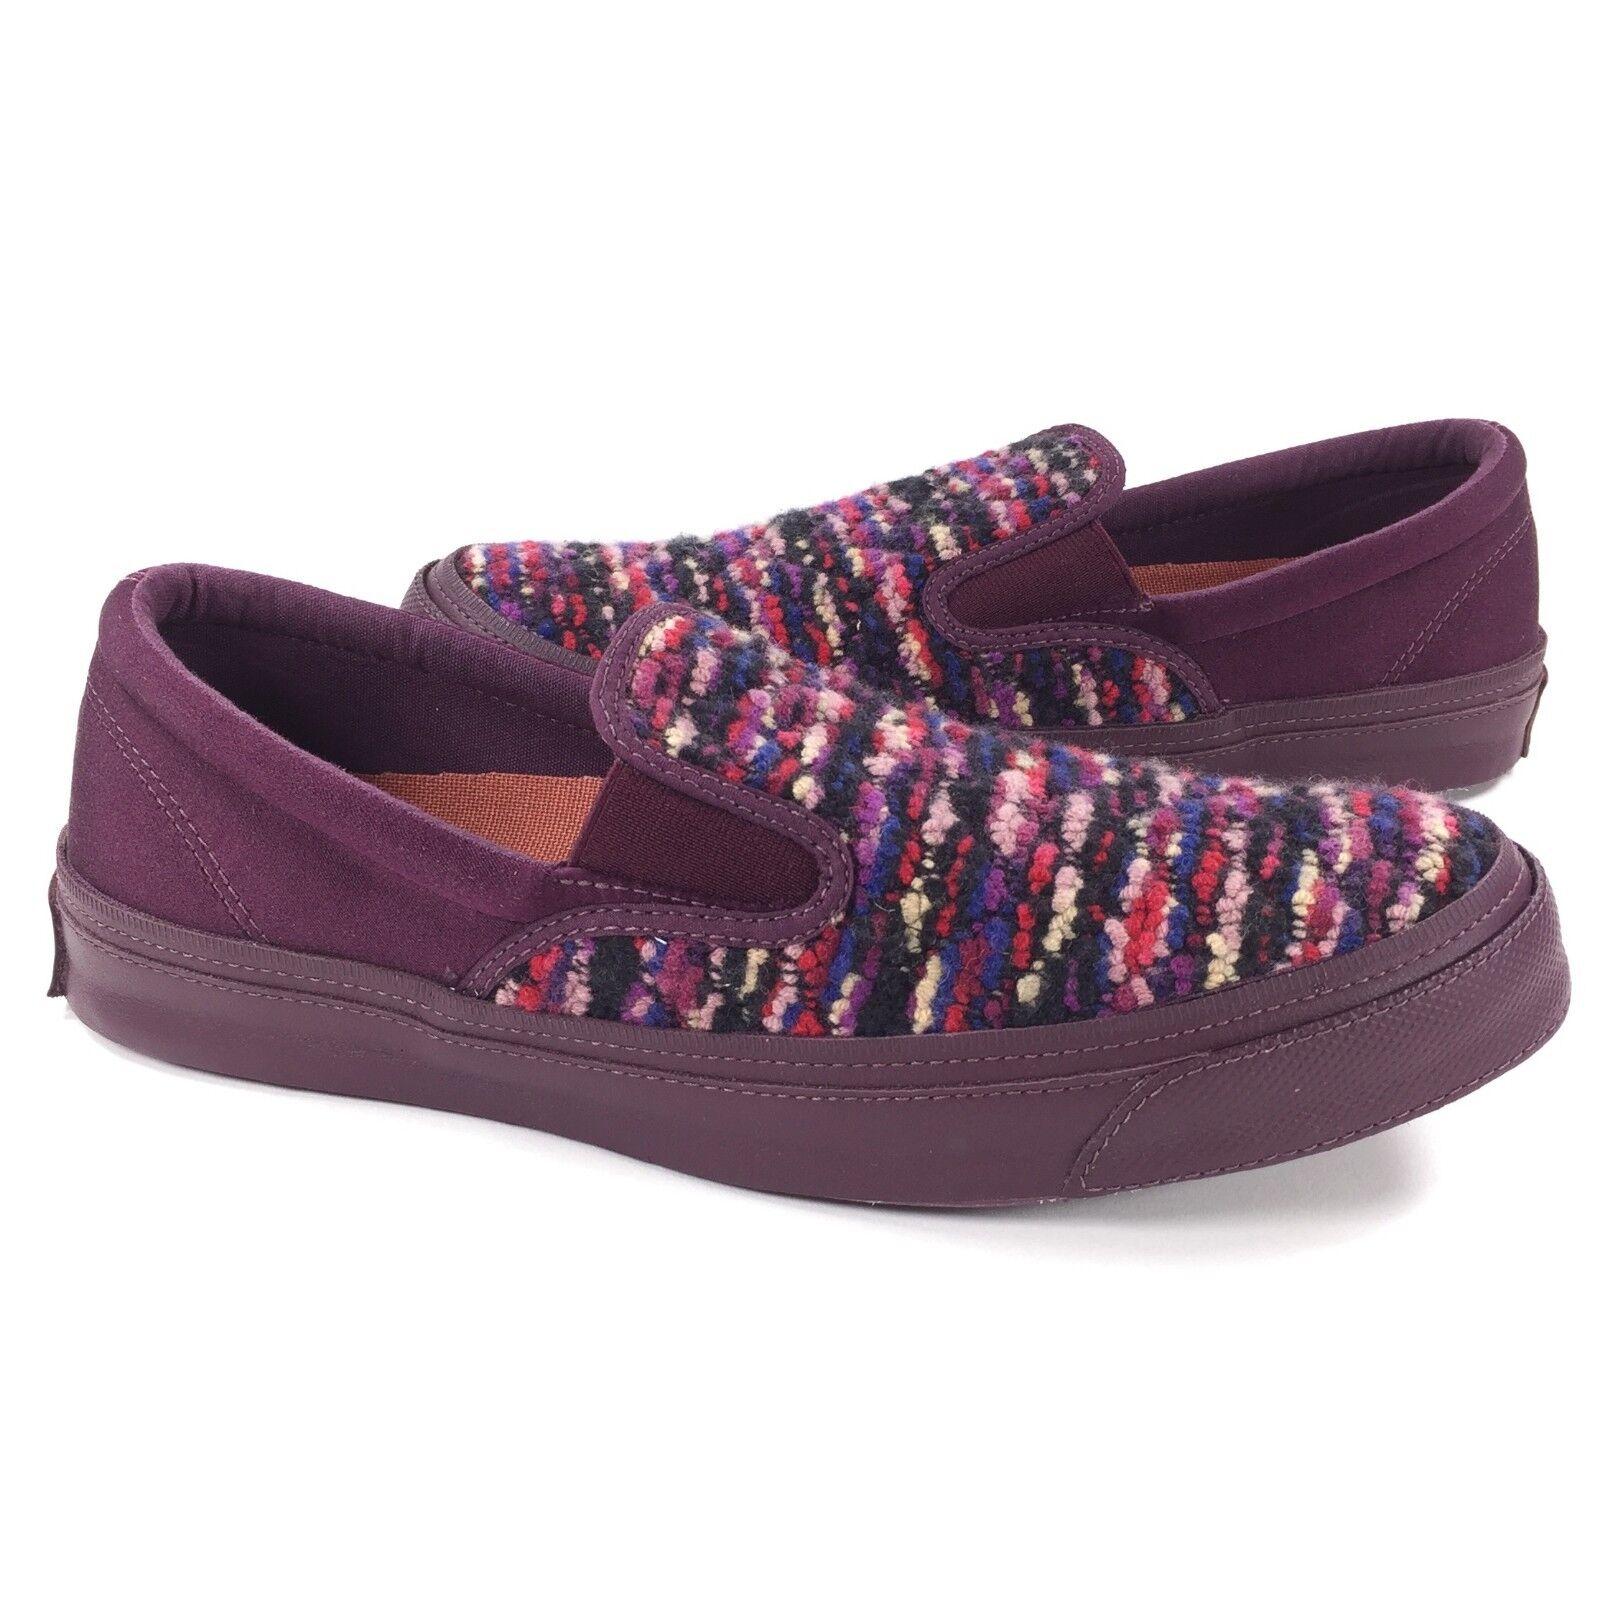 New Converse x Missoni All Star Deckstar Slip On Sz 9 Uomo / 11 Donna Maroon Knit